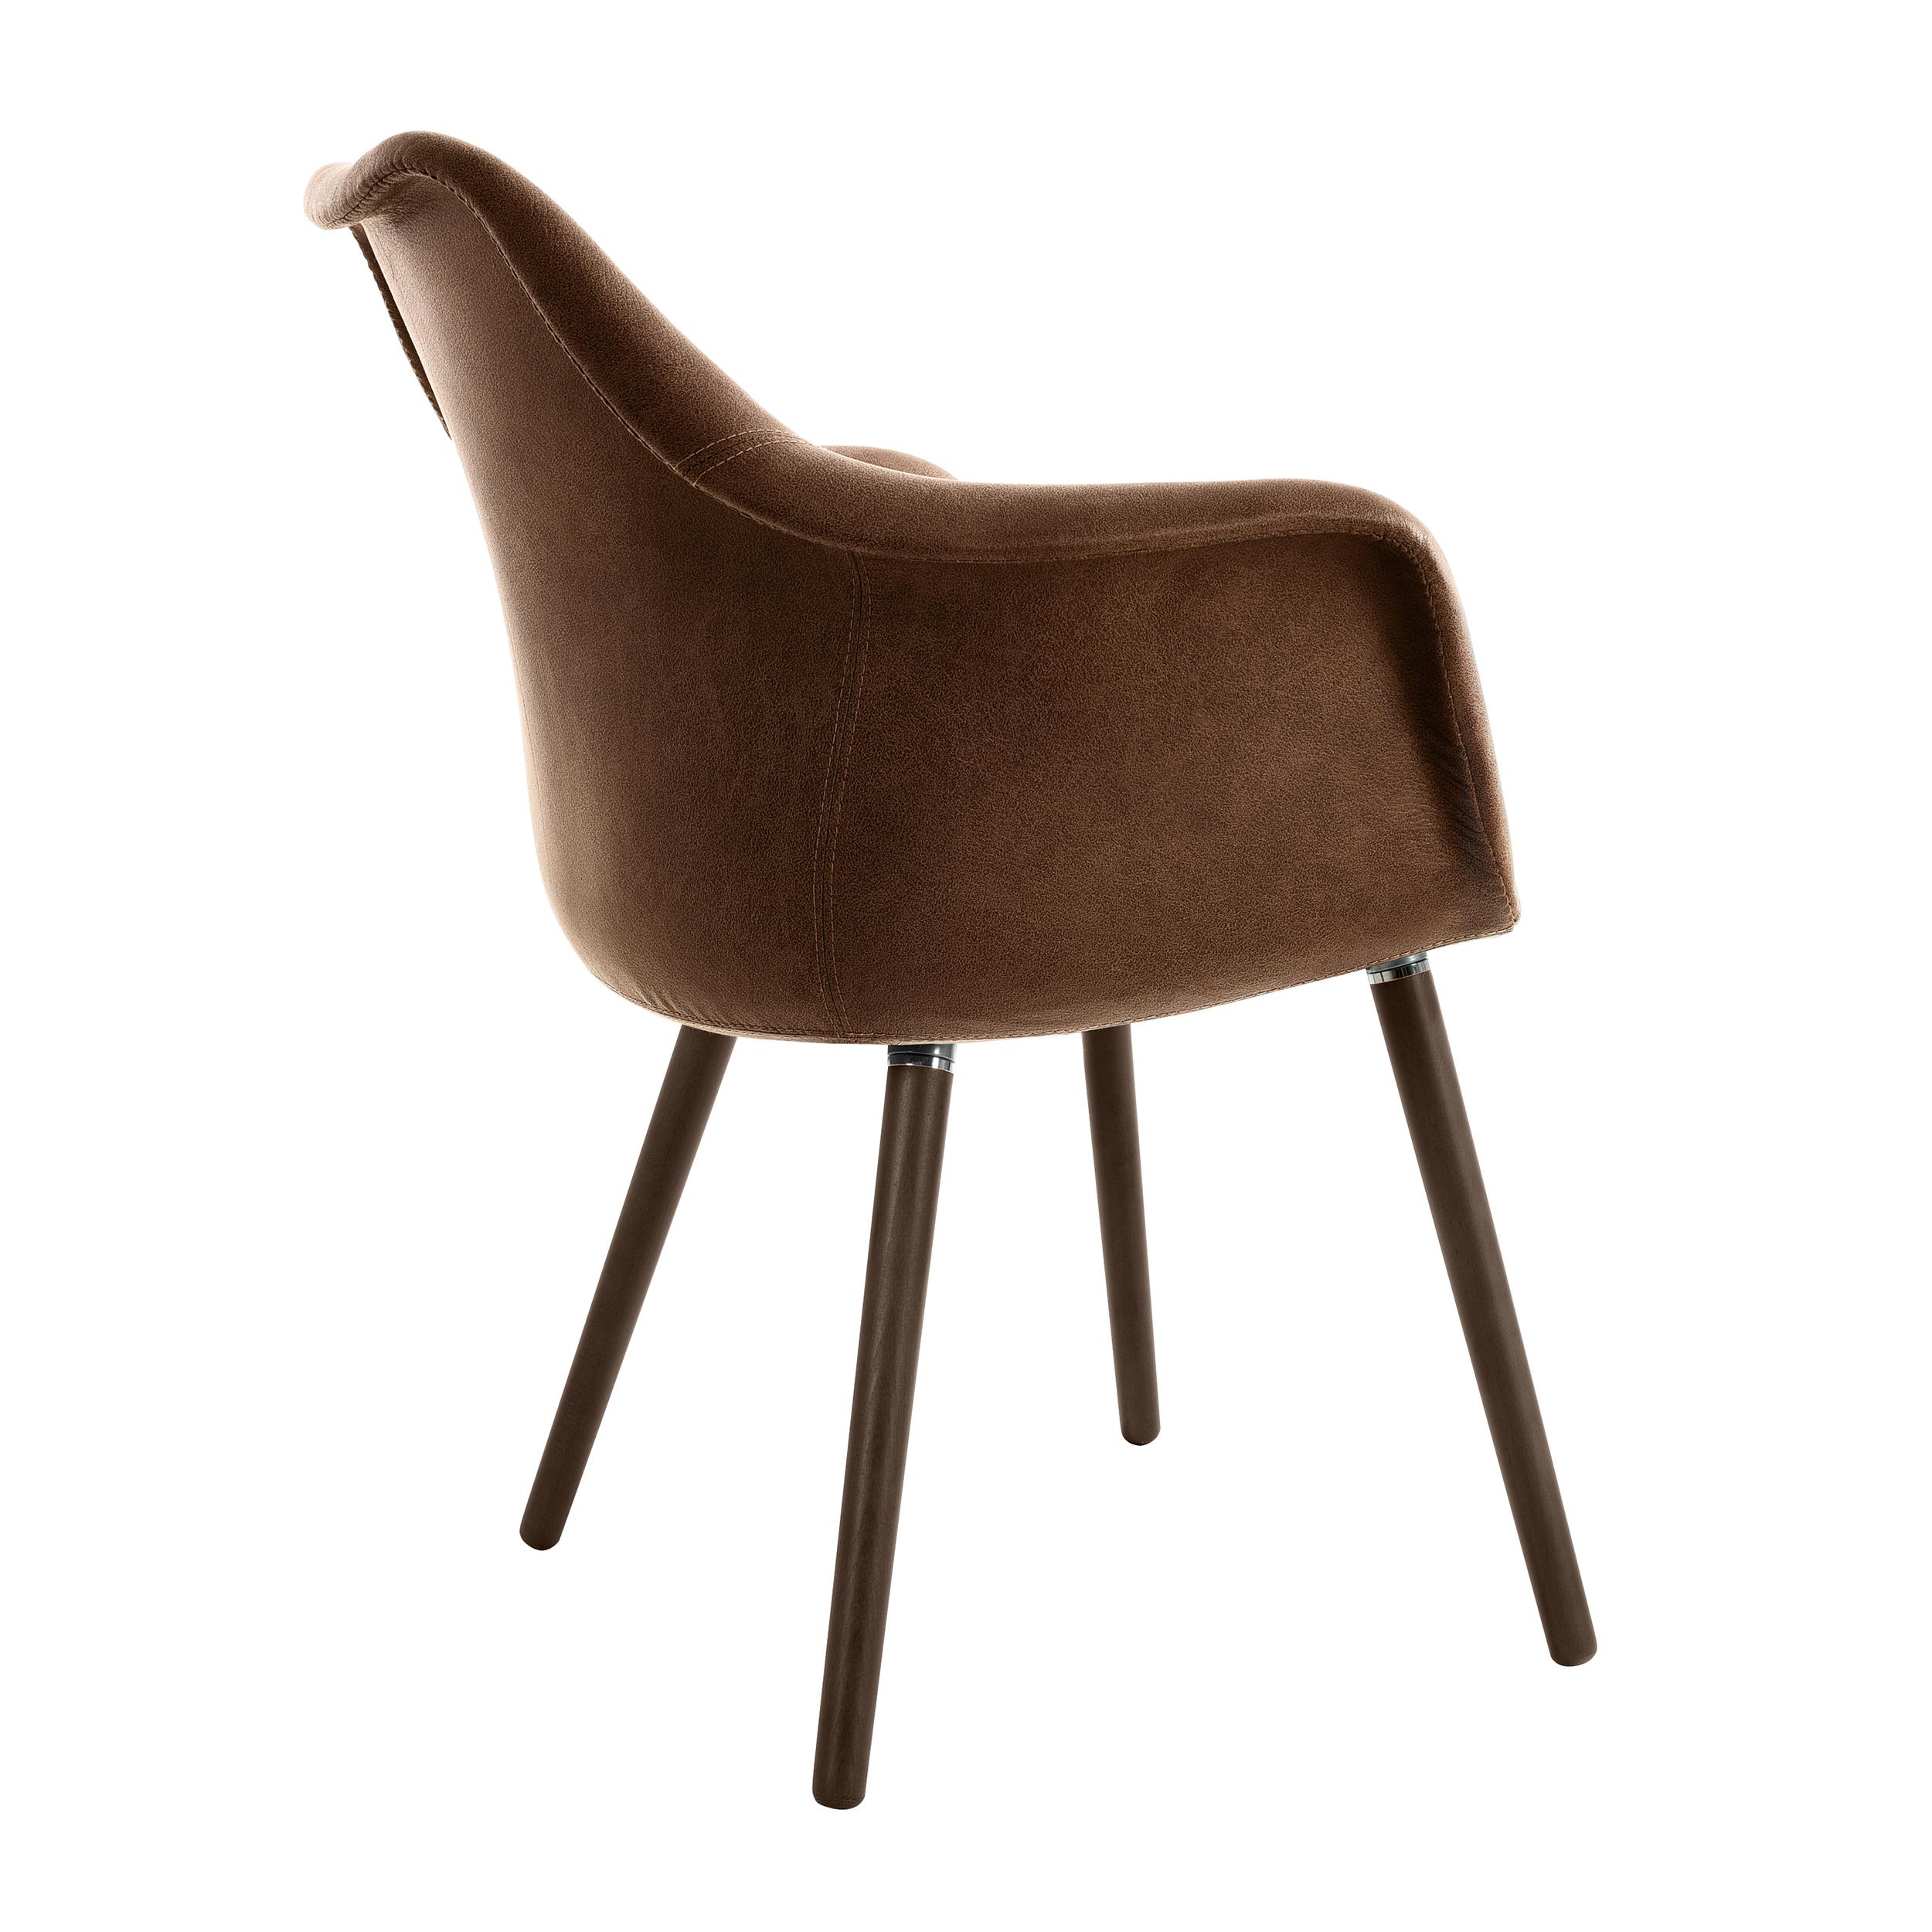 Chaise en tissu marron effet cuir vieilli